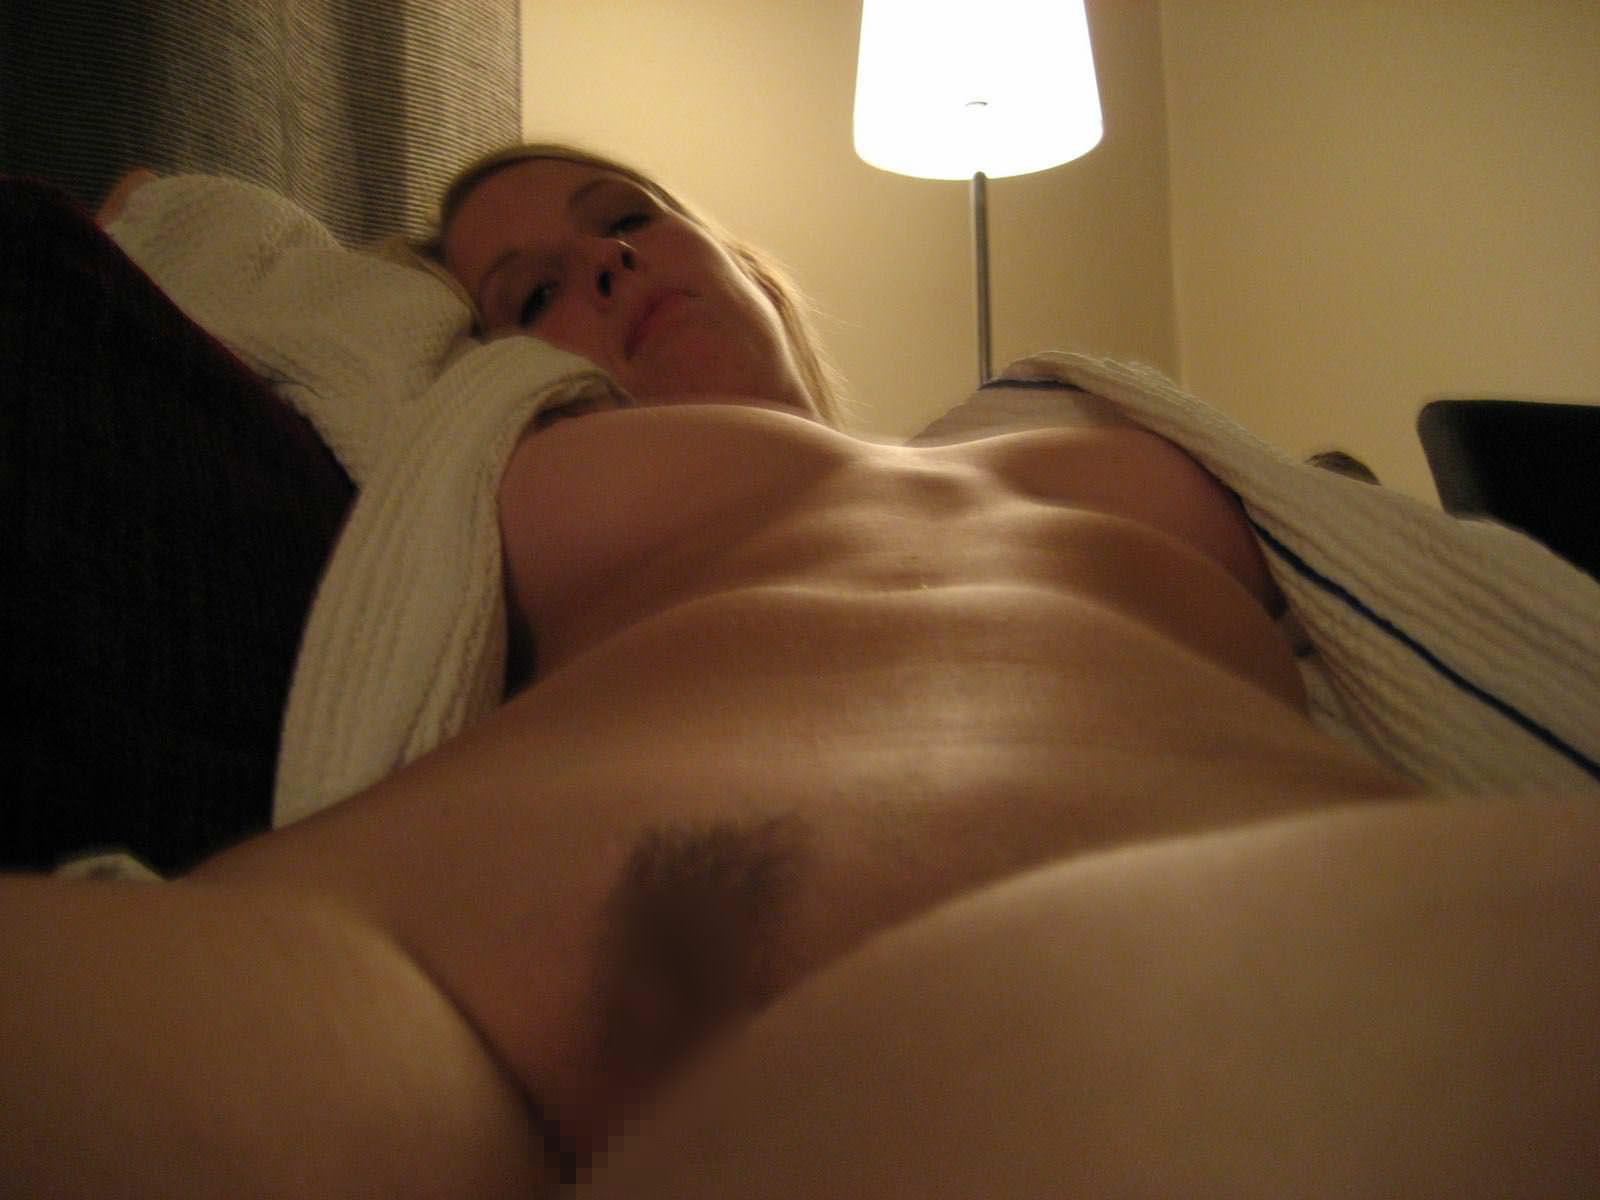 【外人】スウェーデンの金髪素人美女が彼氏とエッチして妊娠した姿を晒すポルノ画像 2282